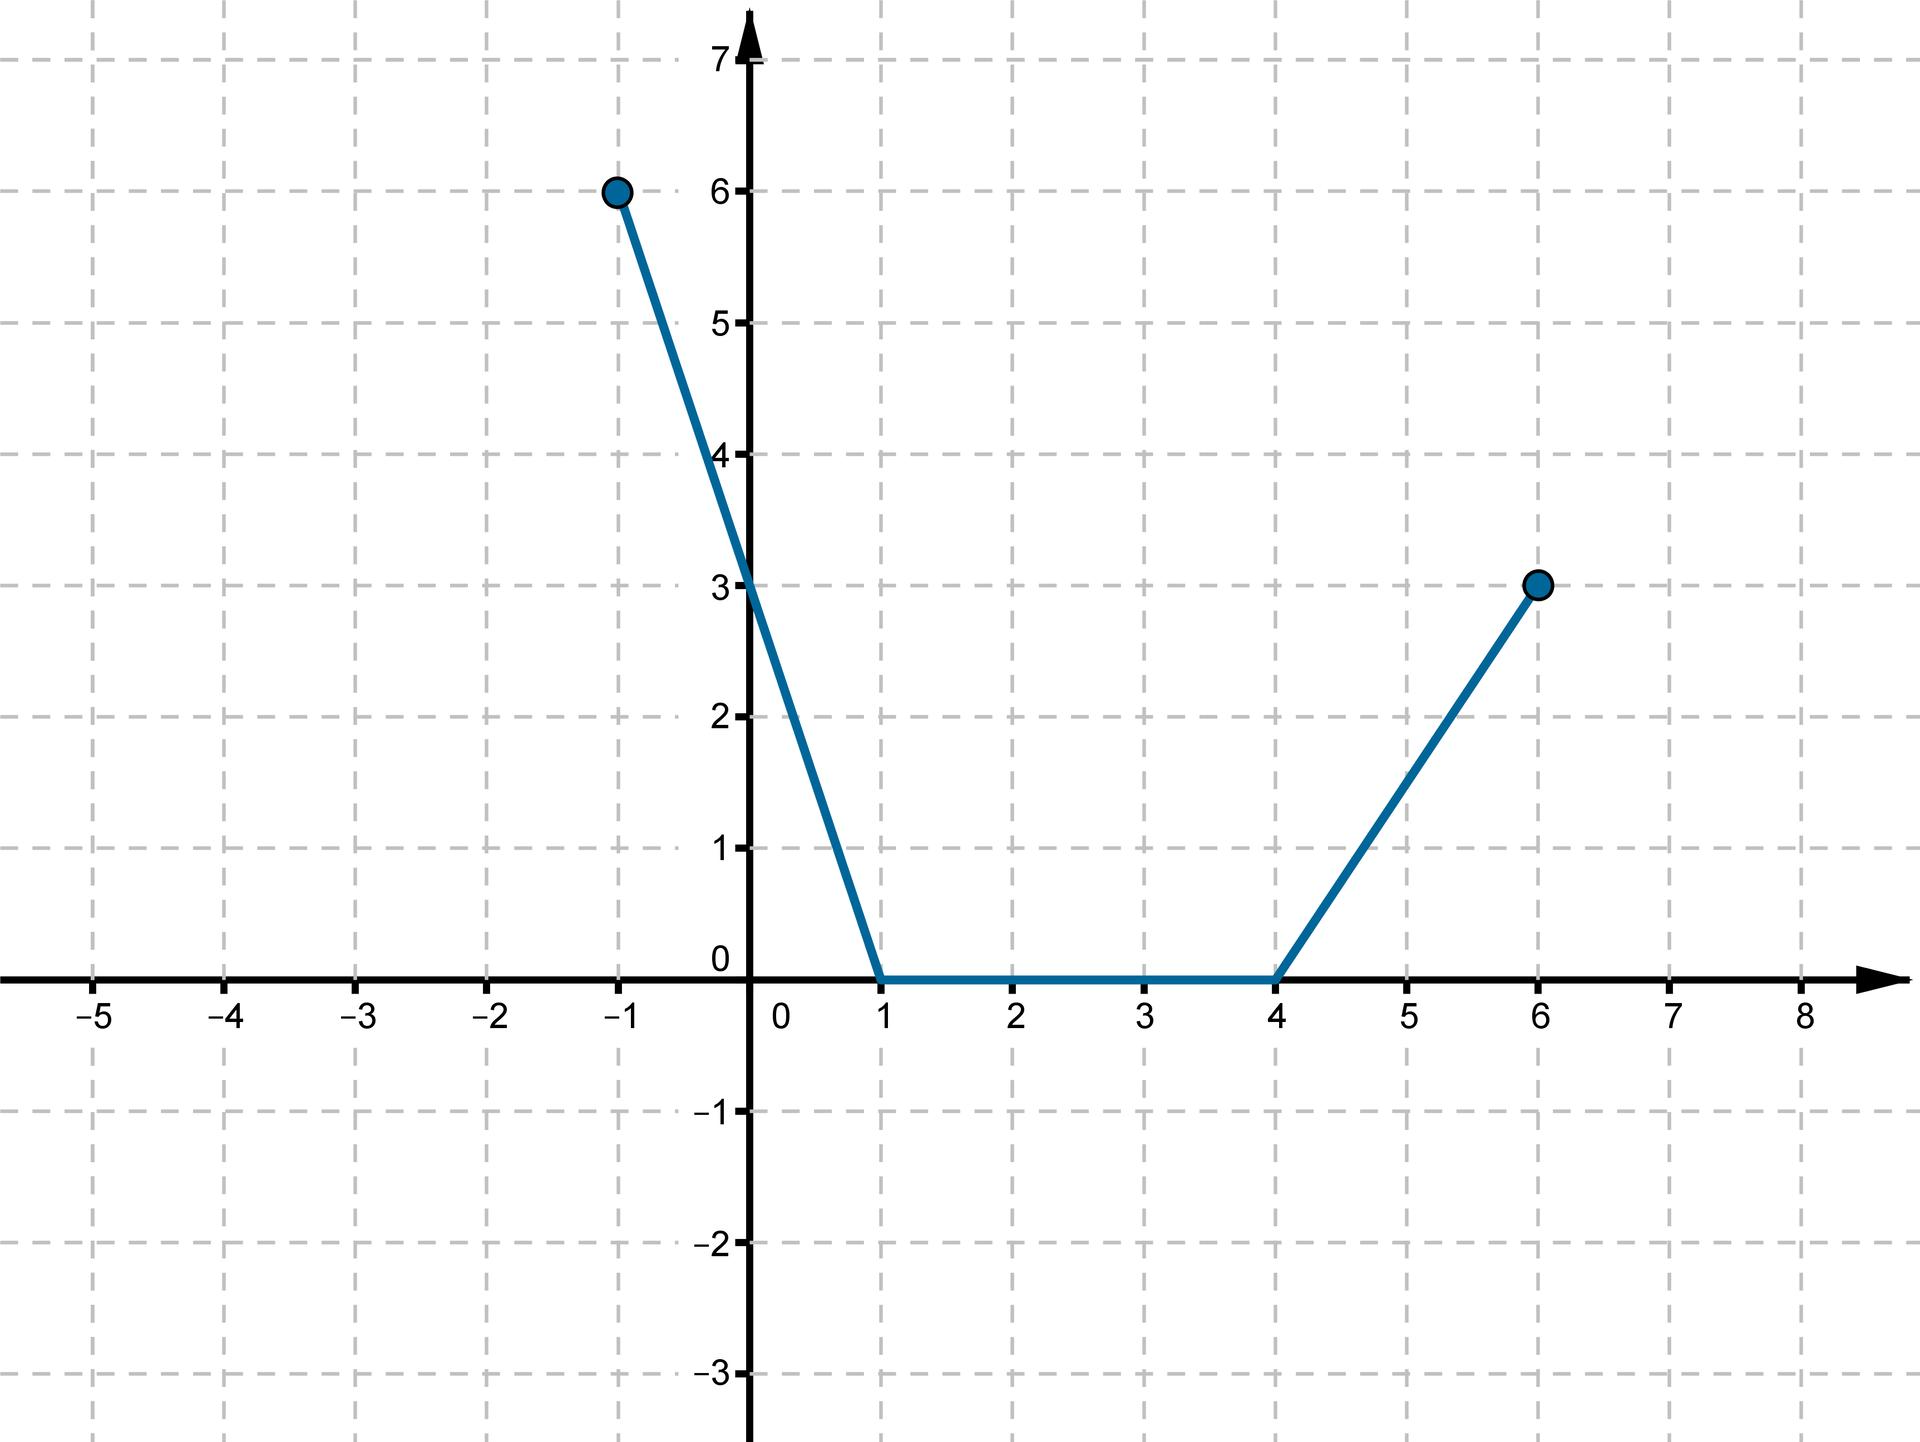 Wykres otrzymany wwyniku przesunięcia funkcji fo2 jednostki wprawo wzdłuż osi OX io1 jednostkę wgórę wzdłuż osi OY.